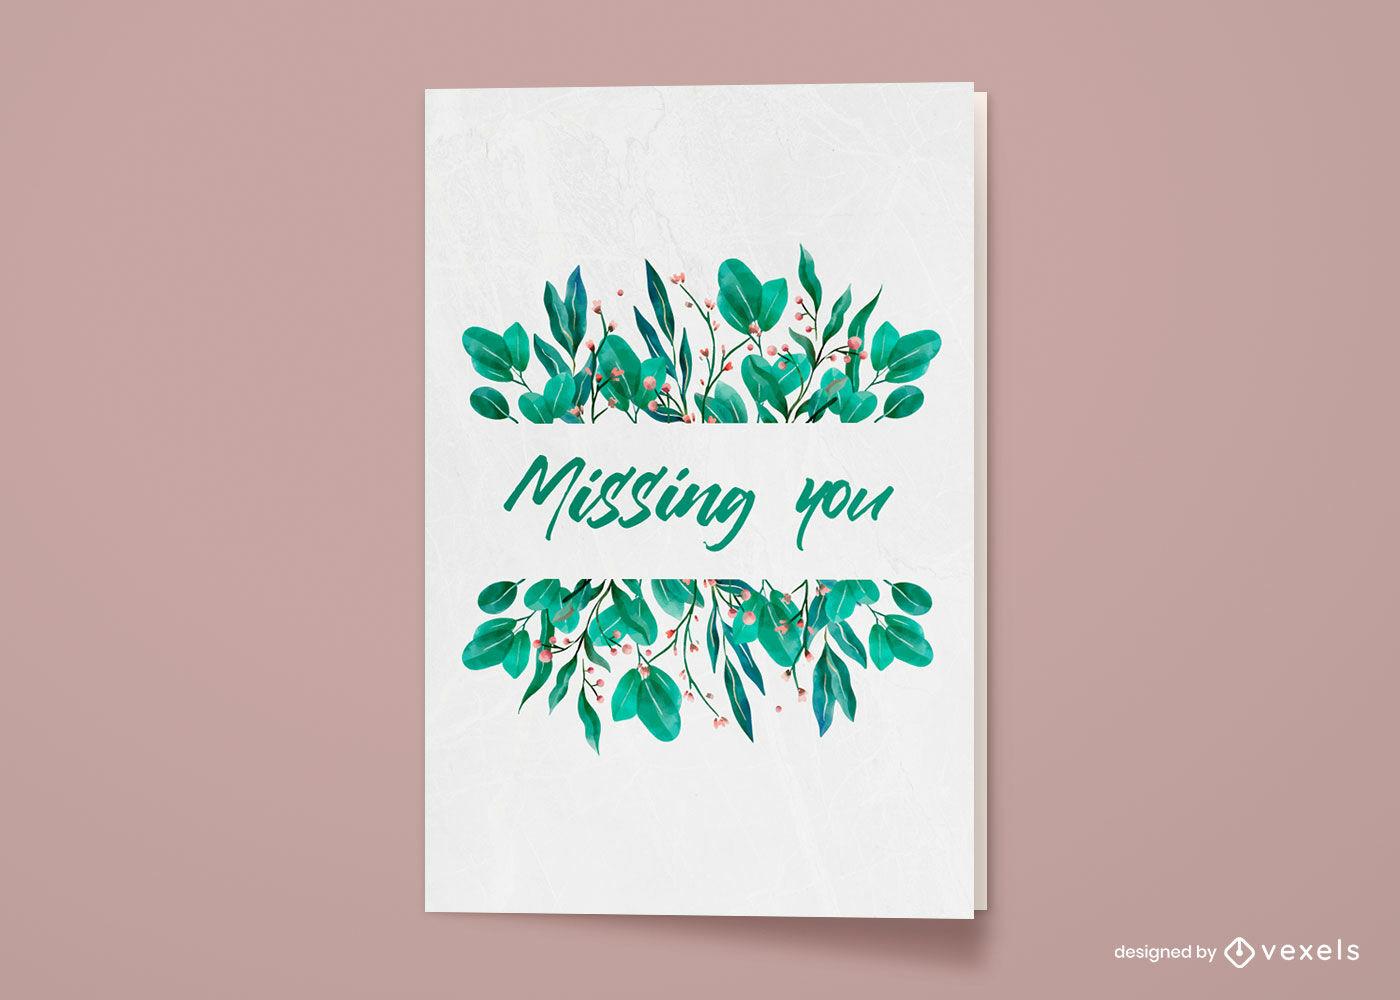 Diseño de tarjeta de felicitación de plantas de acuarela